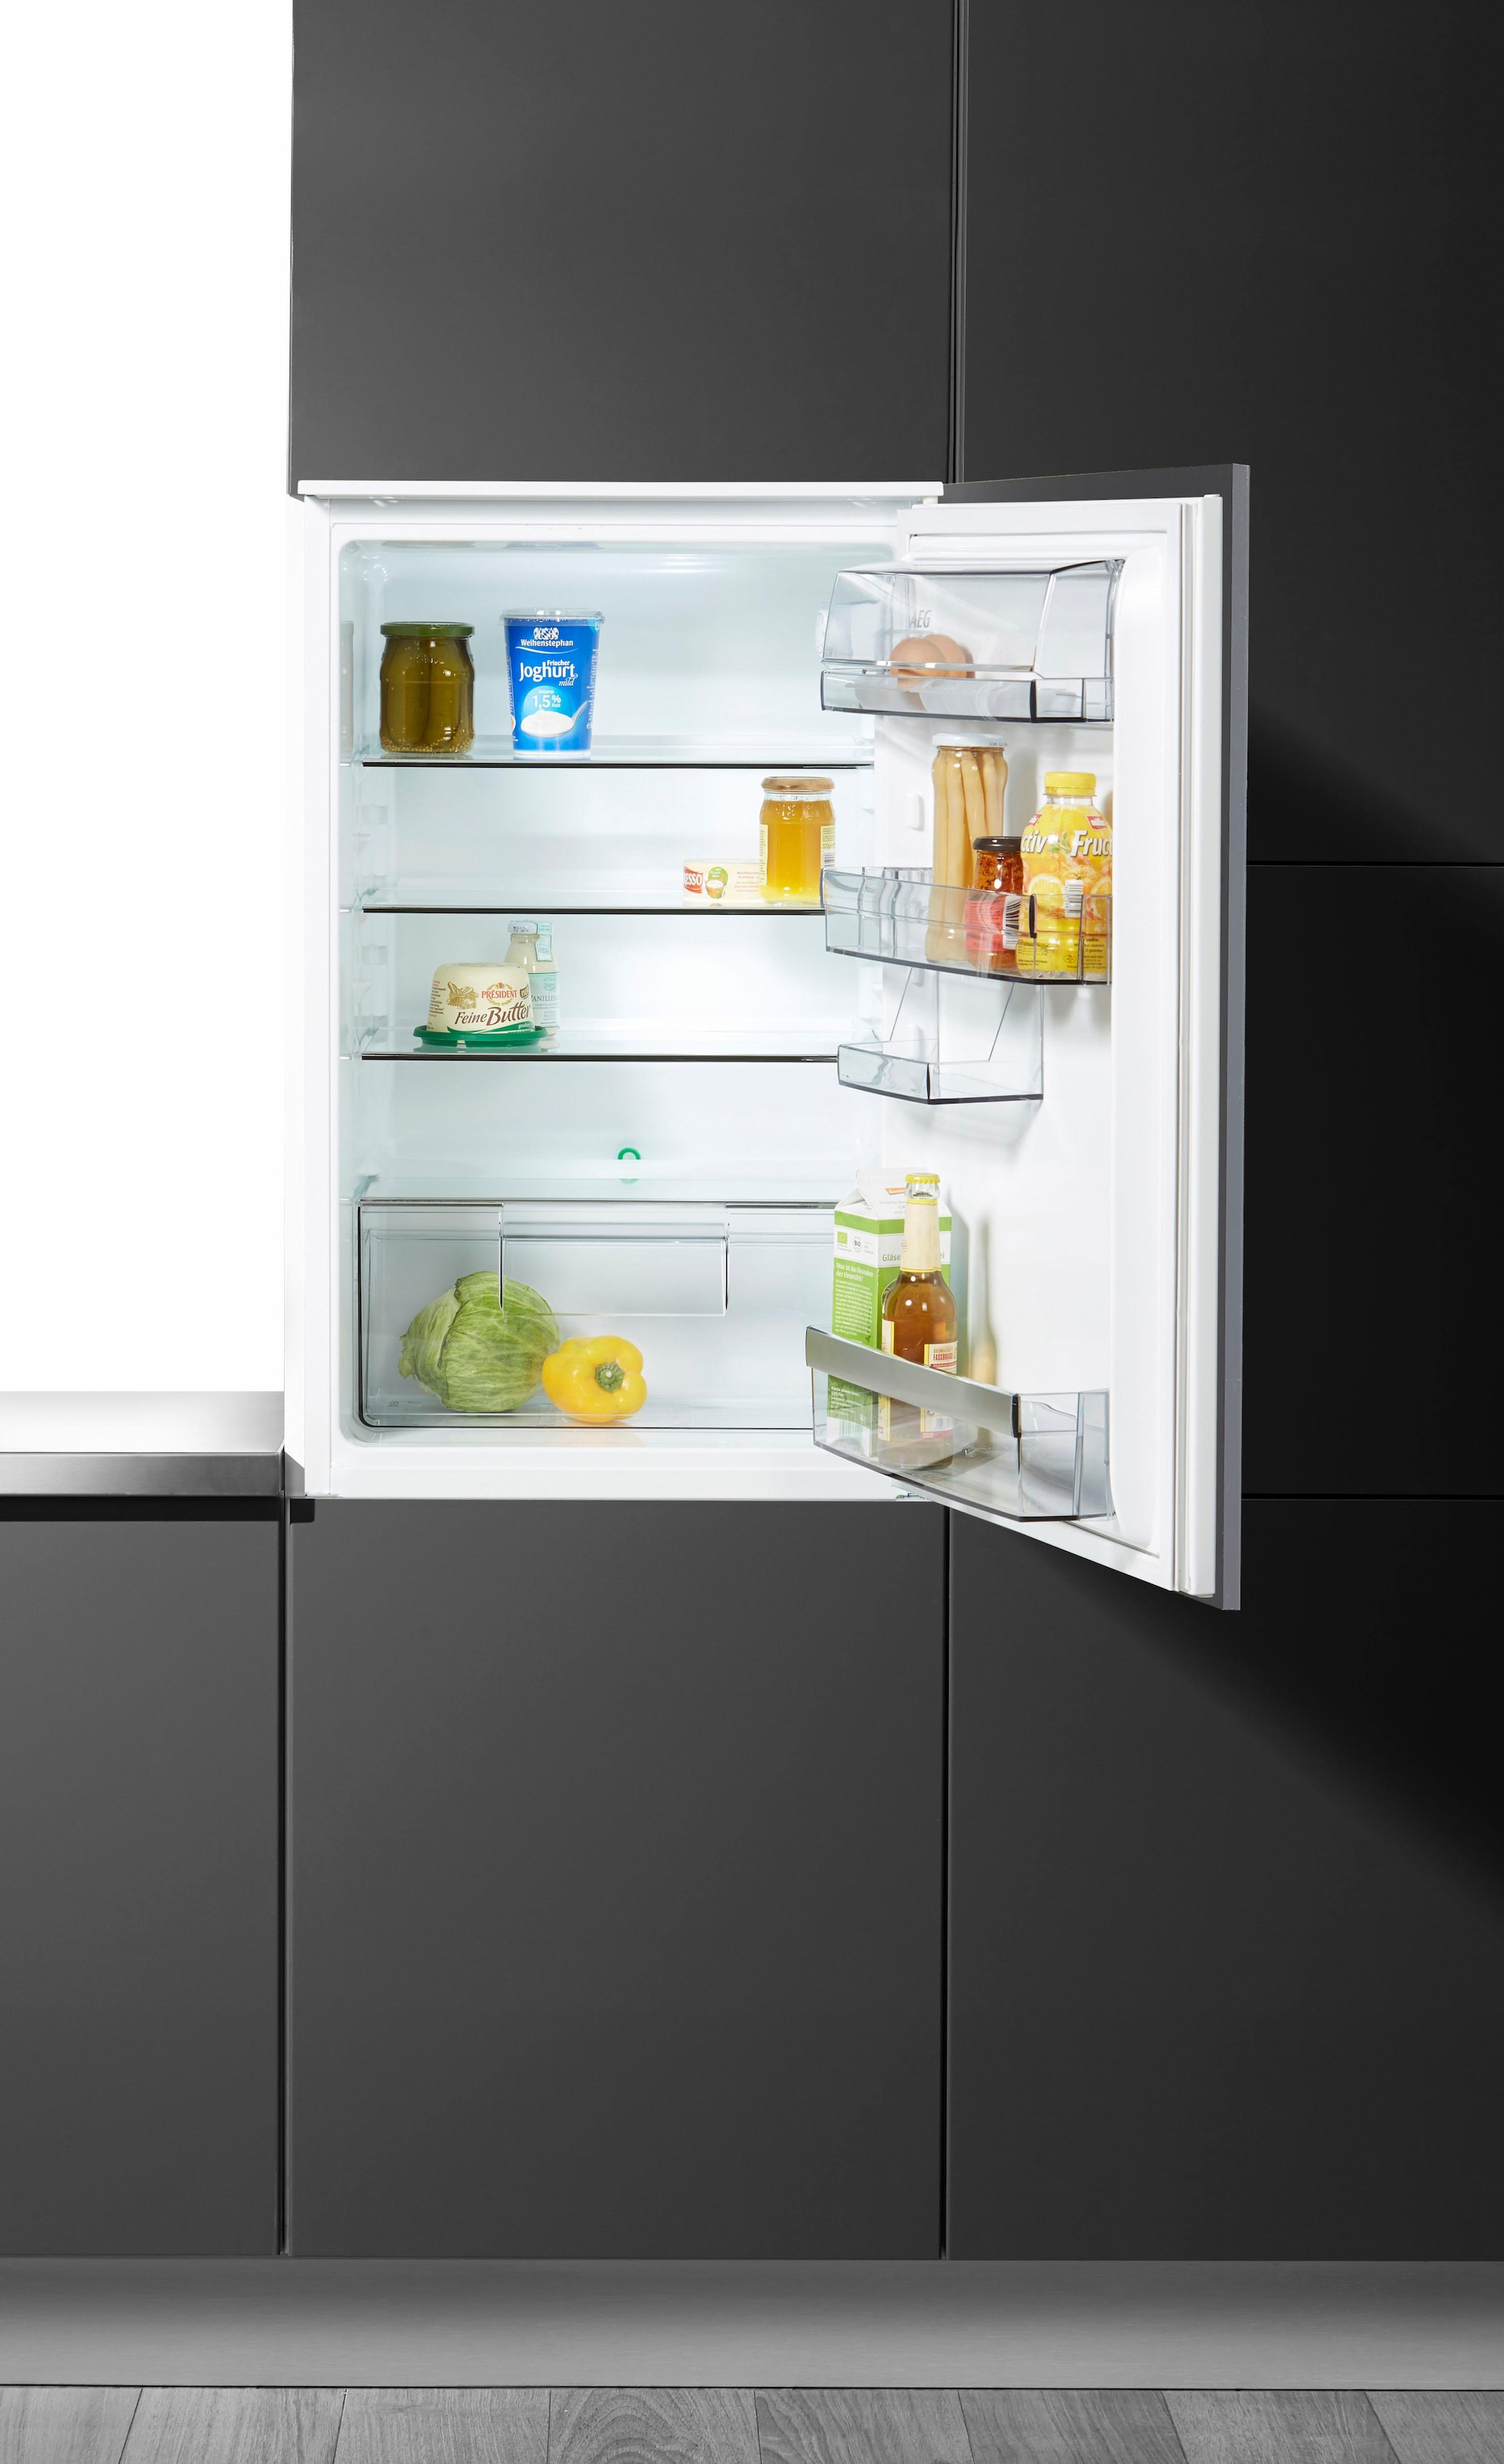 Aeg Kühlschrank Händler : Aeg kühlschränke online shop aeg kühlschränke kaufen baur